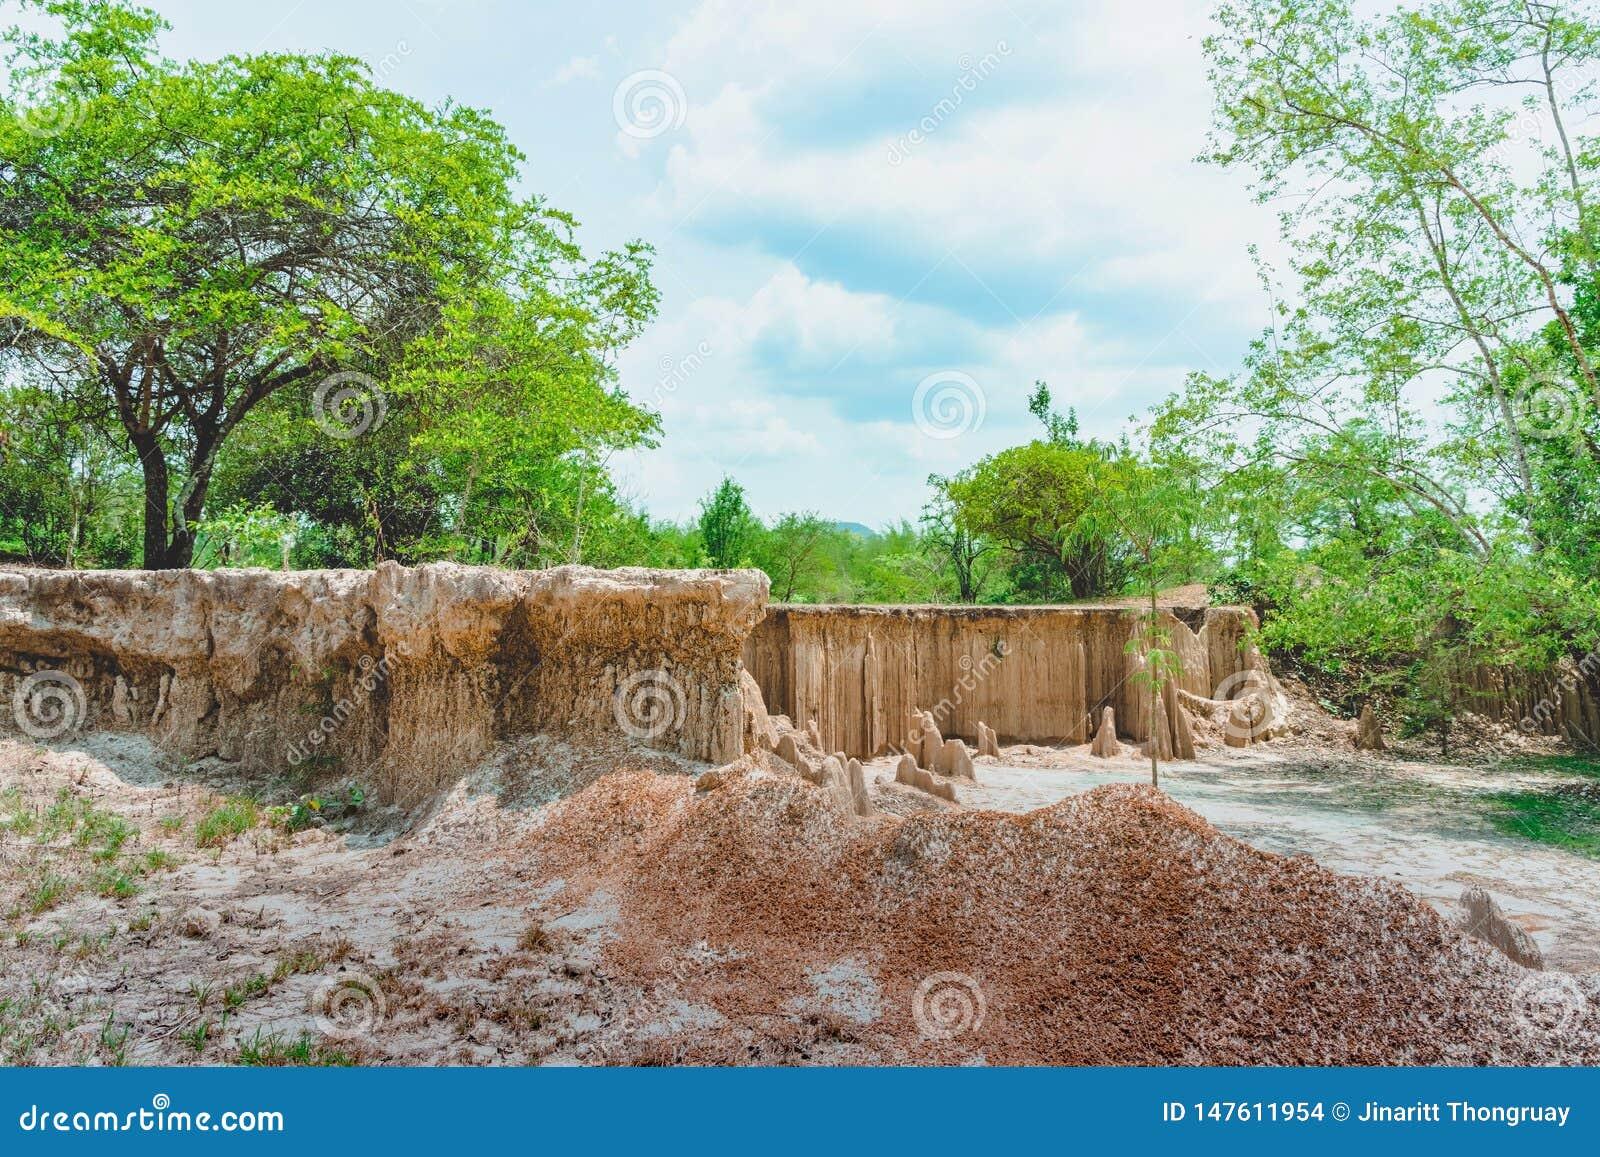 Sch?ne Landschaft von Wasserstr?men durch den Boden haben Abnutzung und Einsturz des Bodens in eine nat?rliche Schicht bei Pong Y